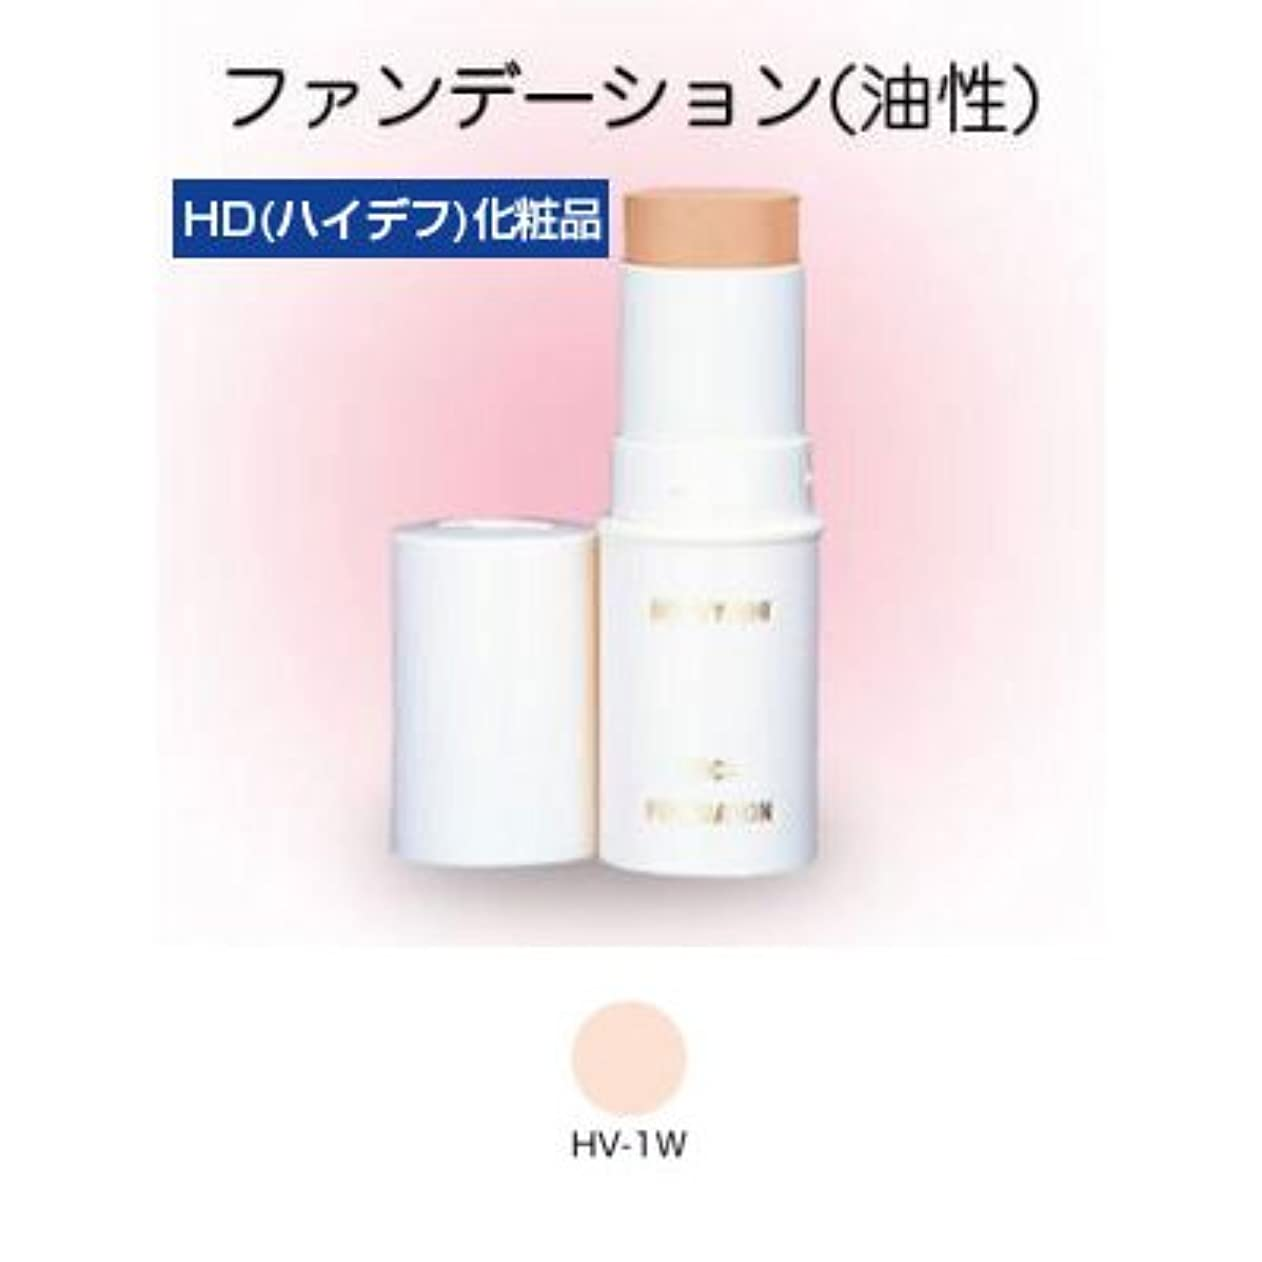 パイプ確執ピクニックをするスティックファンデーション HD化粧品 17g 1W 【三善】